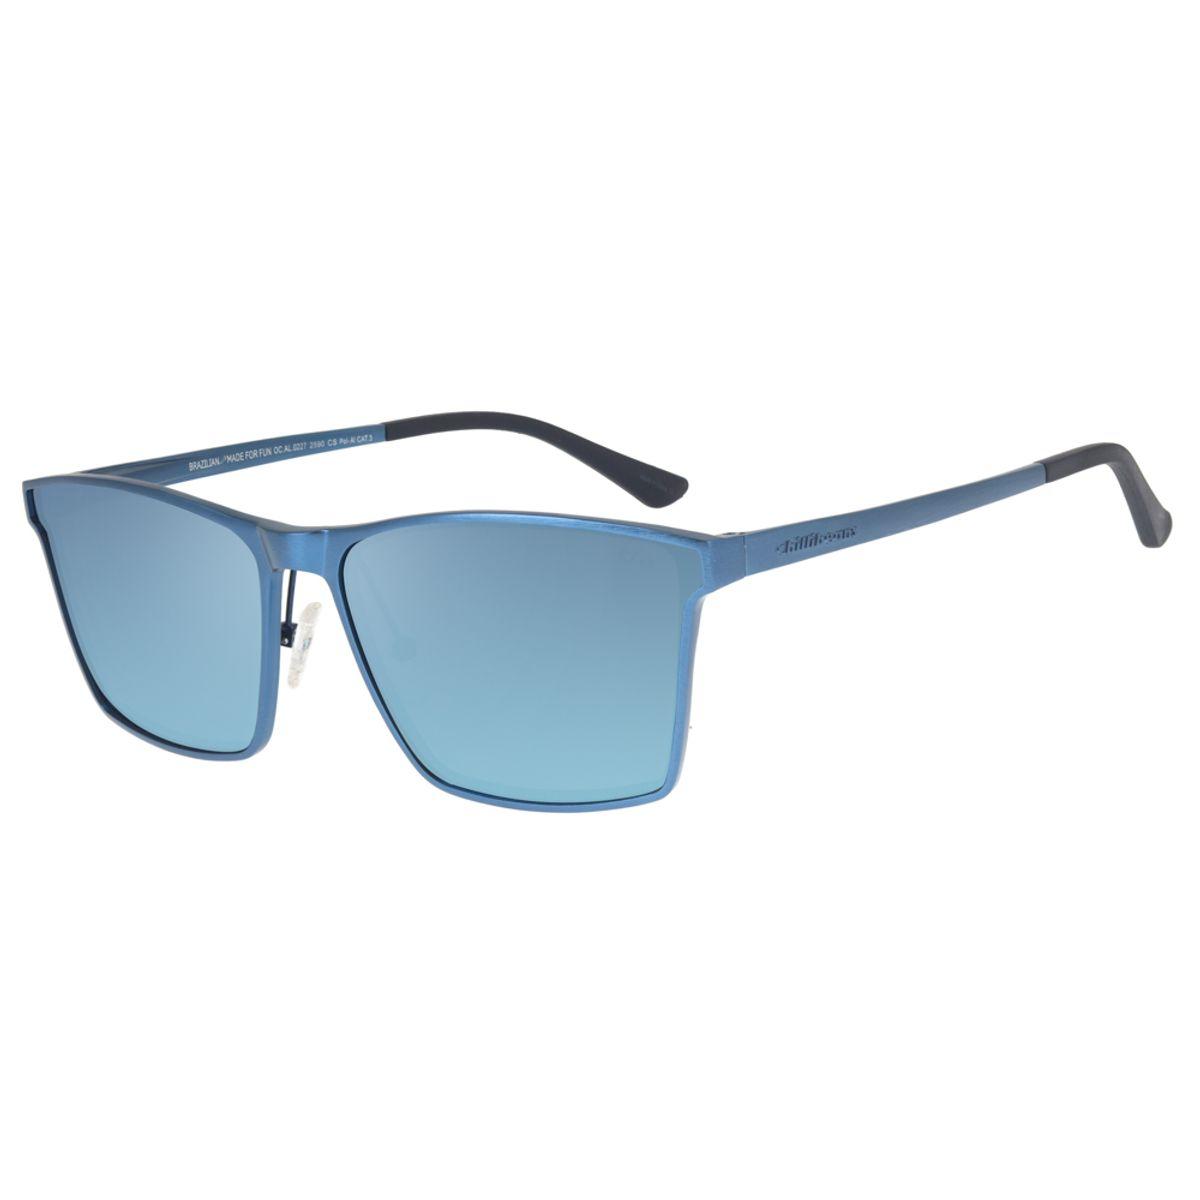 73d186a9f14e8 Óculos de Sol Chilli Beans Masculino Alumínio Polarizado Azul 0227 ...